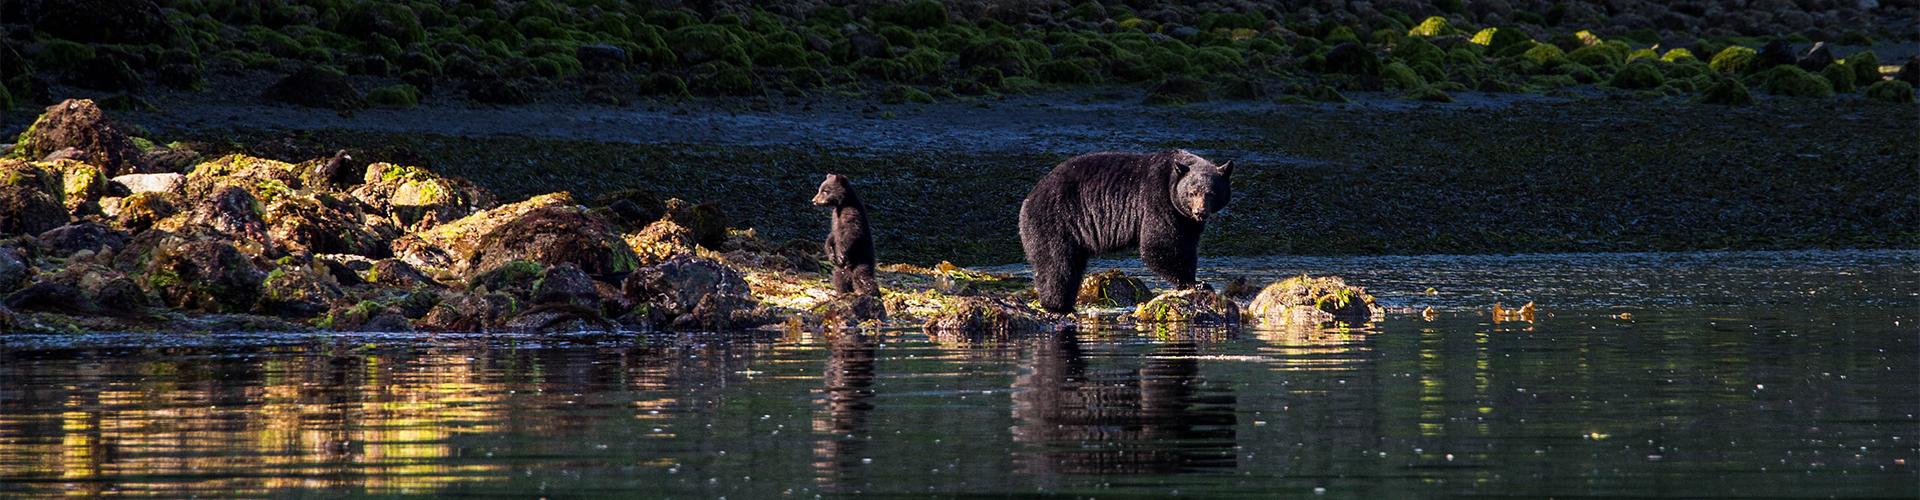 moederbeer met haar jong in canada